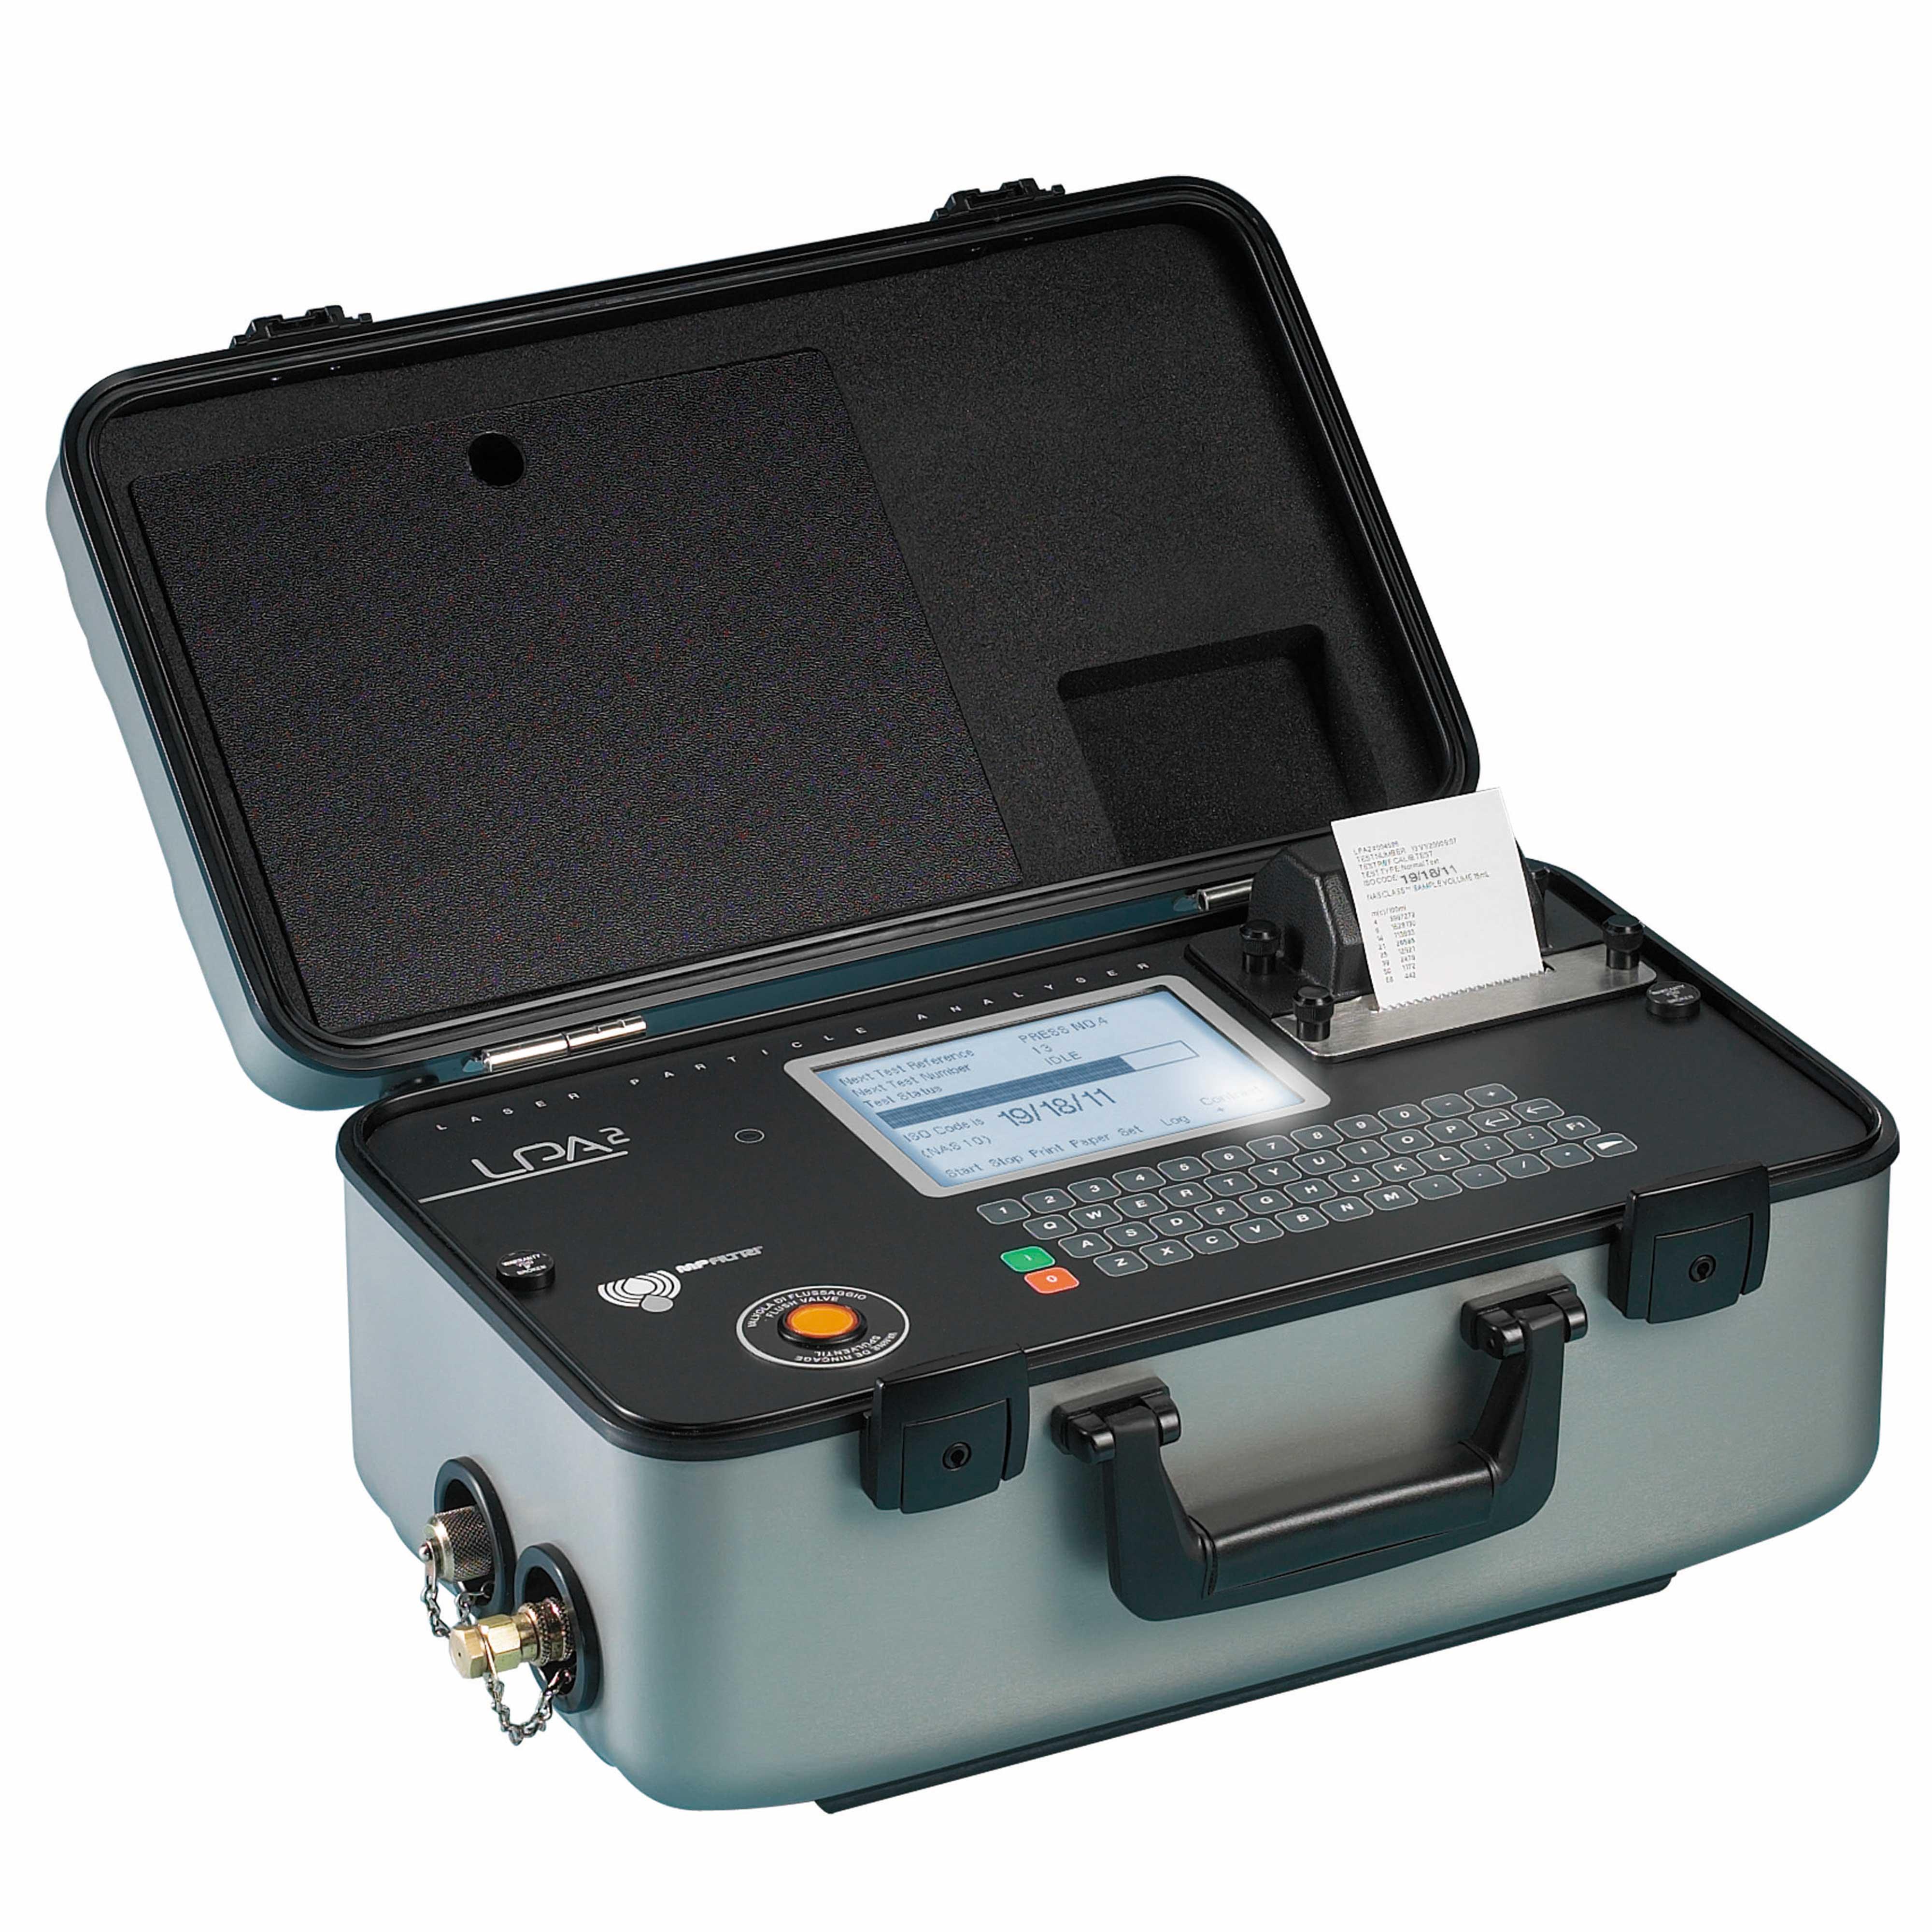 Mobil partikkelteller for hydraulikk og smøreolje, varenummer LPA2WMC1B30